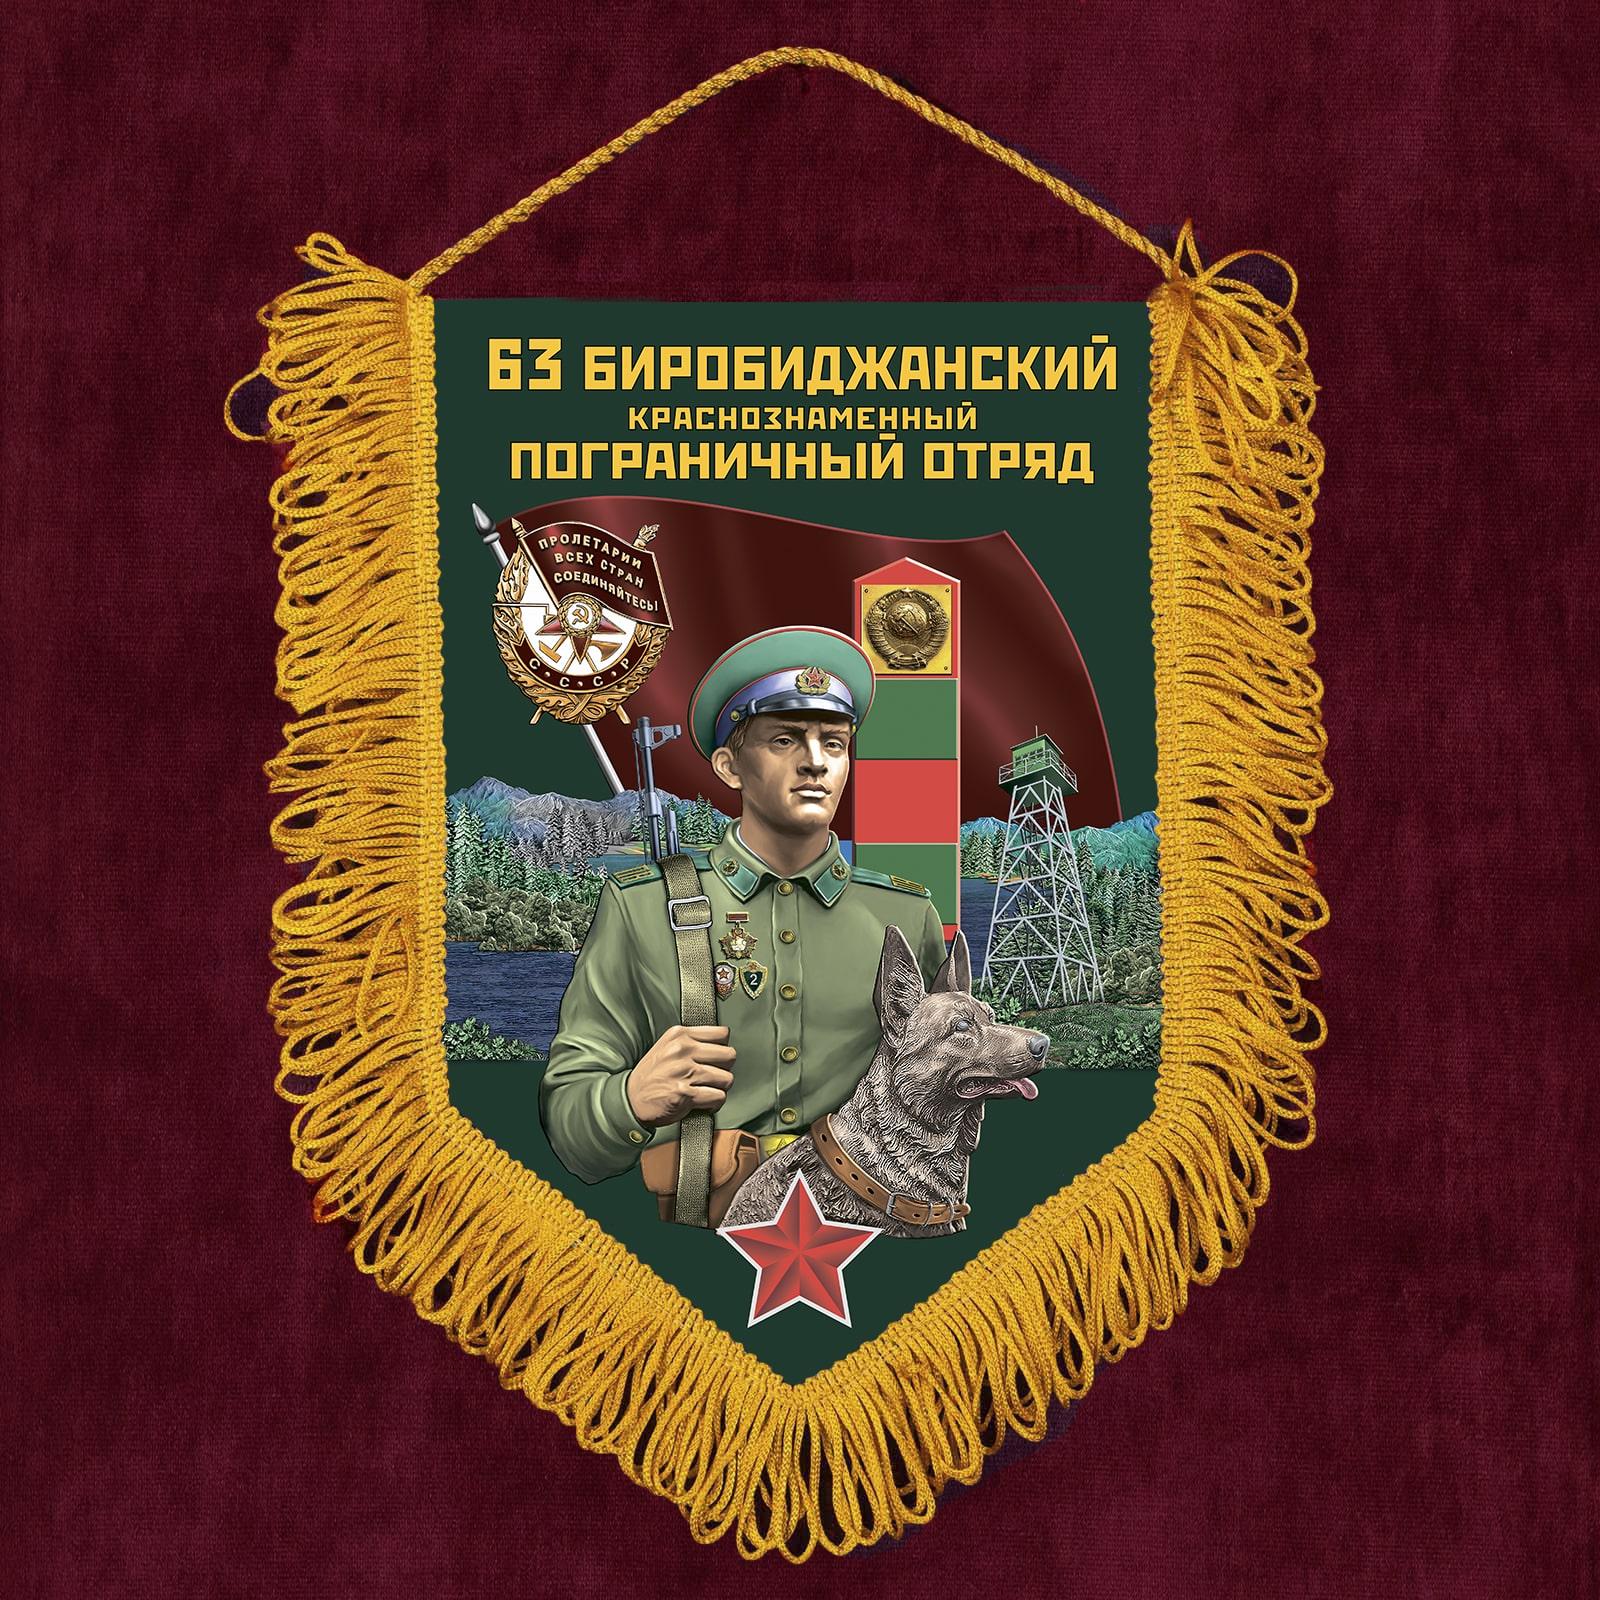 """Подарочный вымпел """"63 Биробиджанский пограничный отряд"""""""